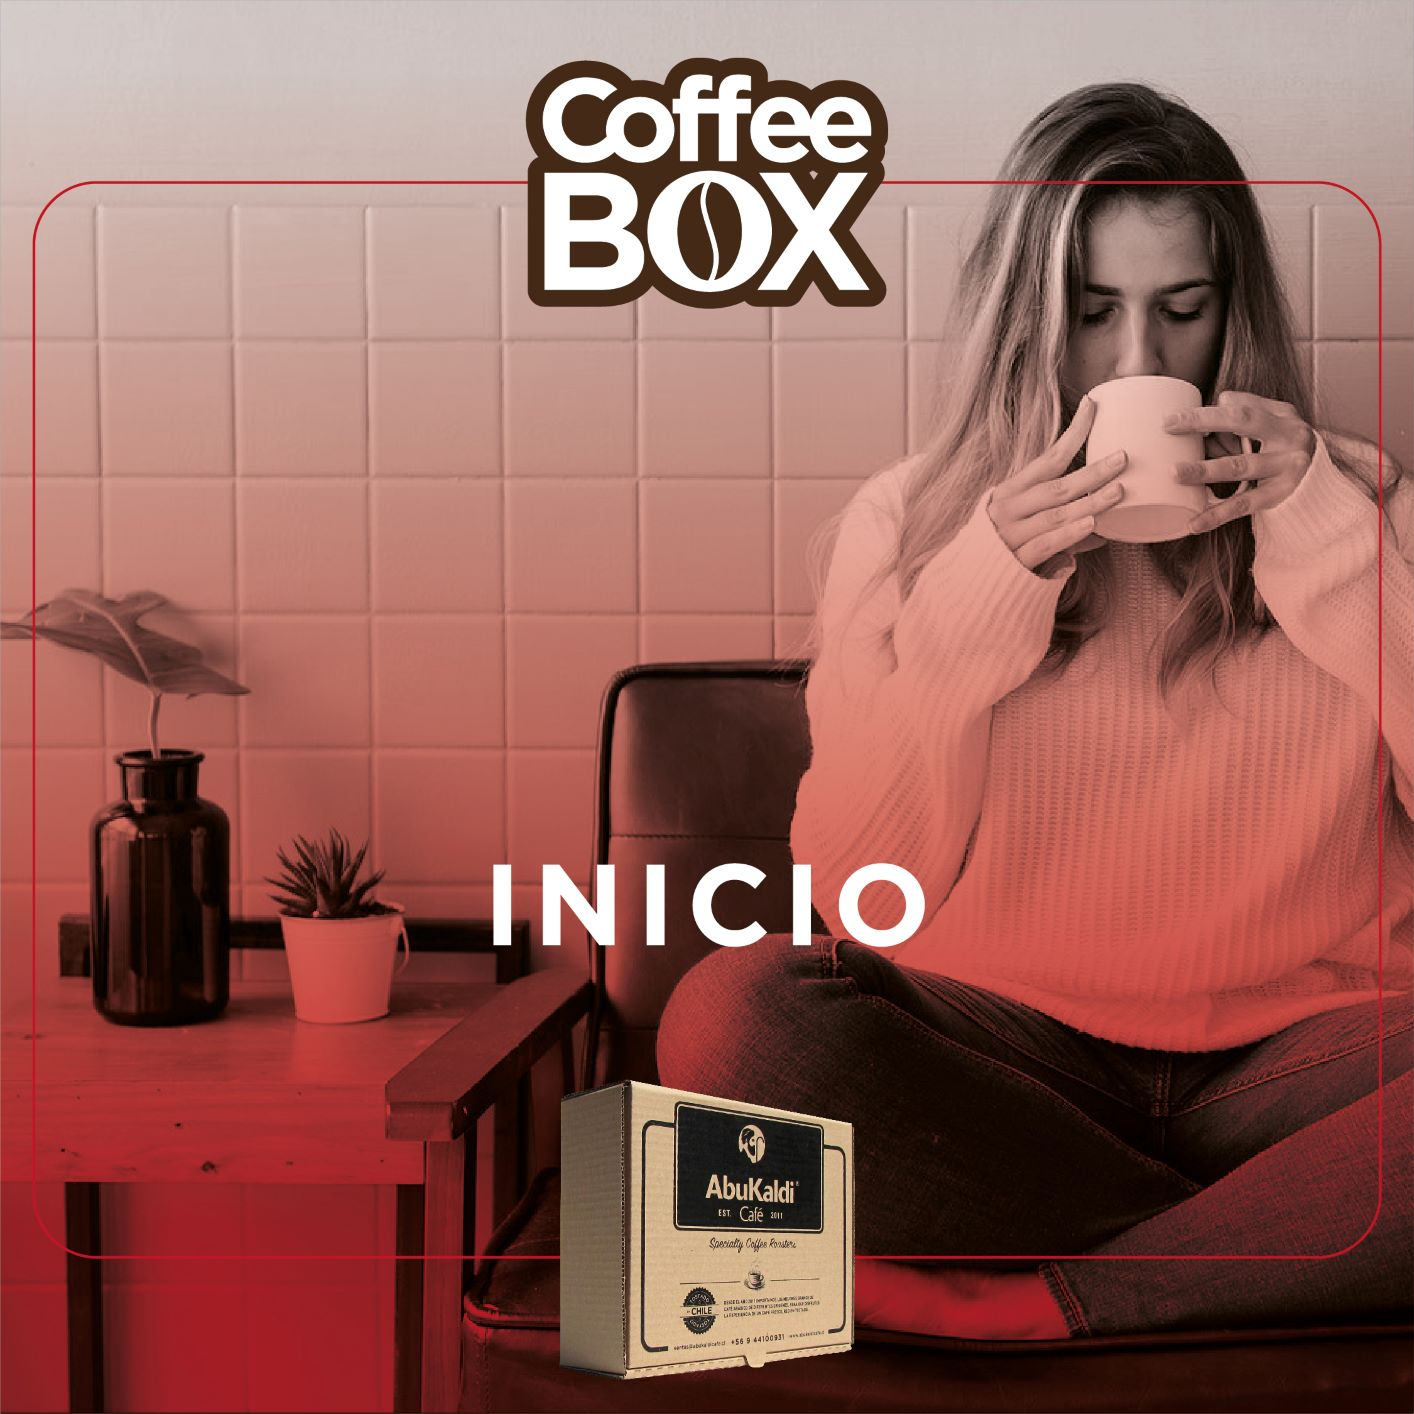 Coffee Box Inicio